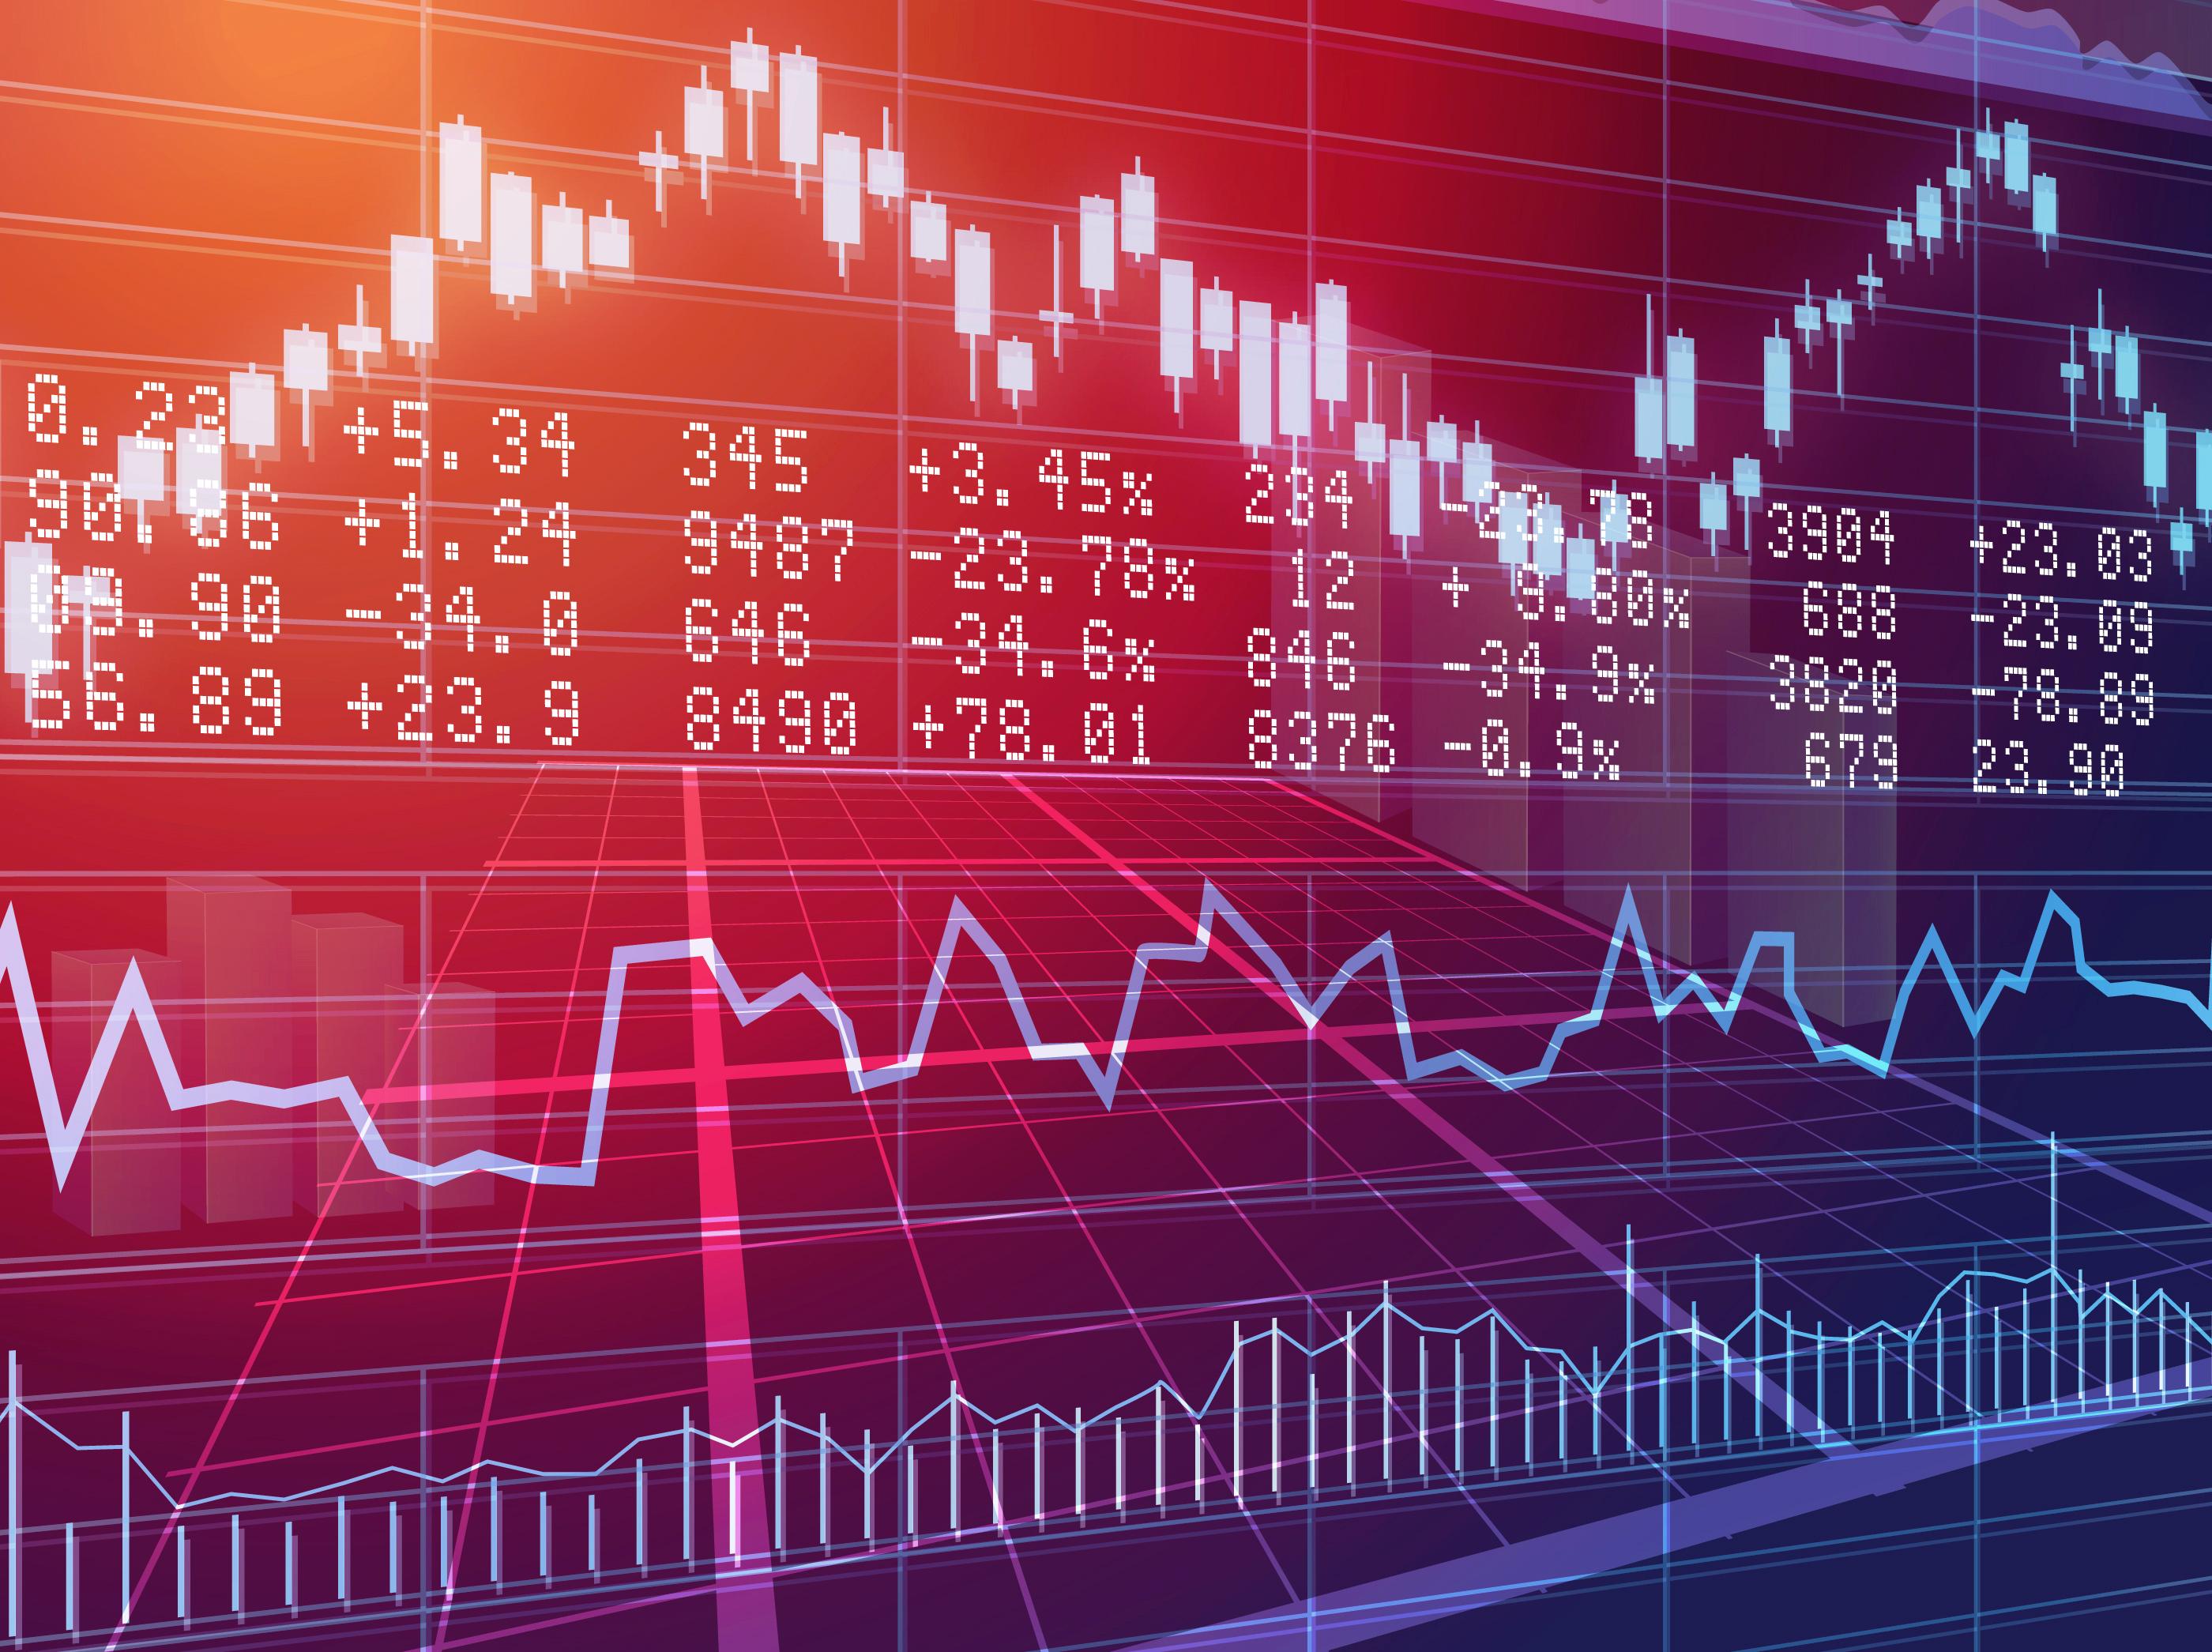 Монголын хөрөнгийн биржид бүртгэлтэй Хувьцаат компанид хөрөнгө оруулалт хийхдээ  анхаарах 5 зүйл